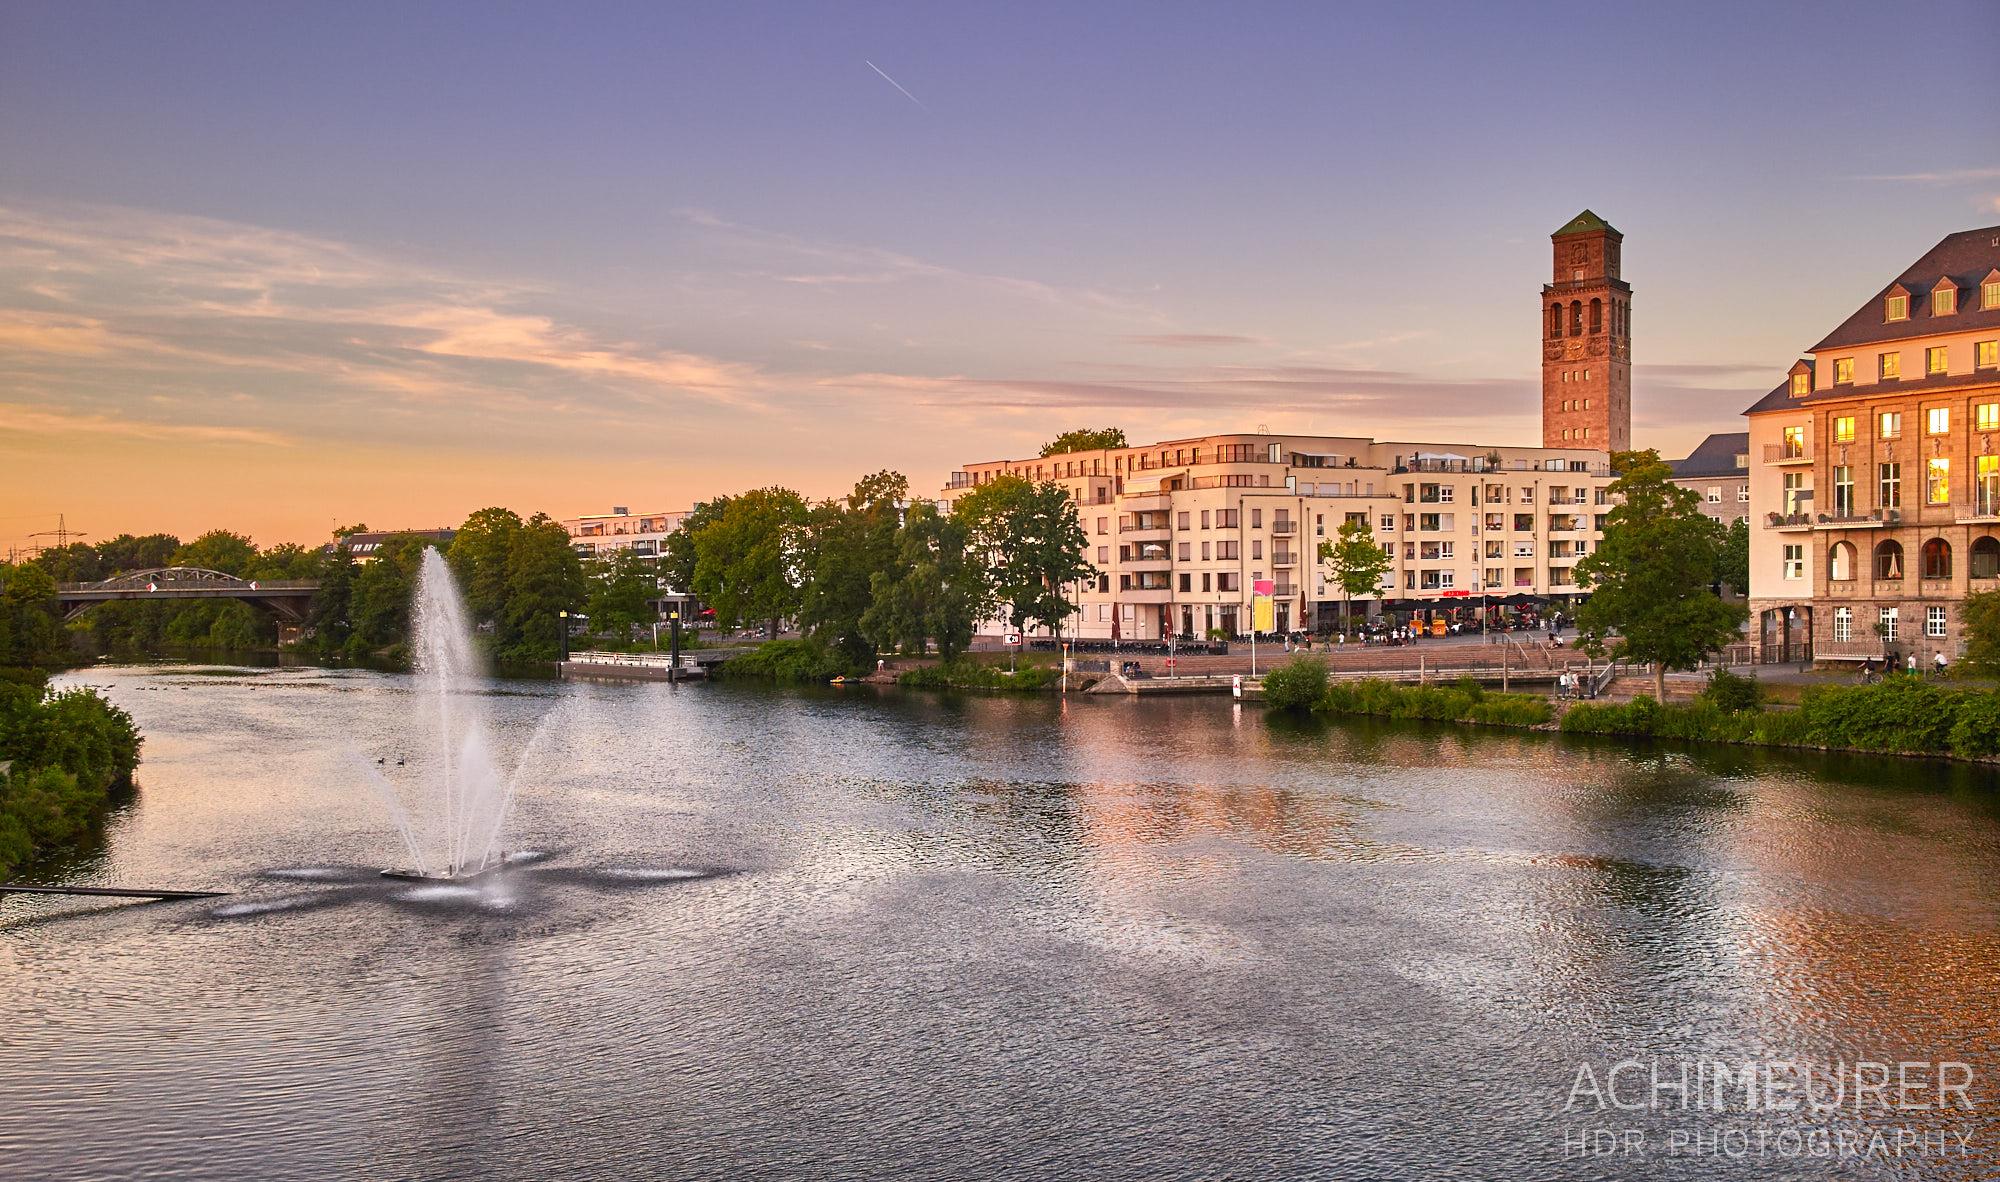 Impressionen aus Mülheim a.d. Ruhr, Ruhrgebiet , NRW by Achim Meurer.